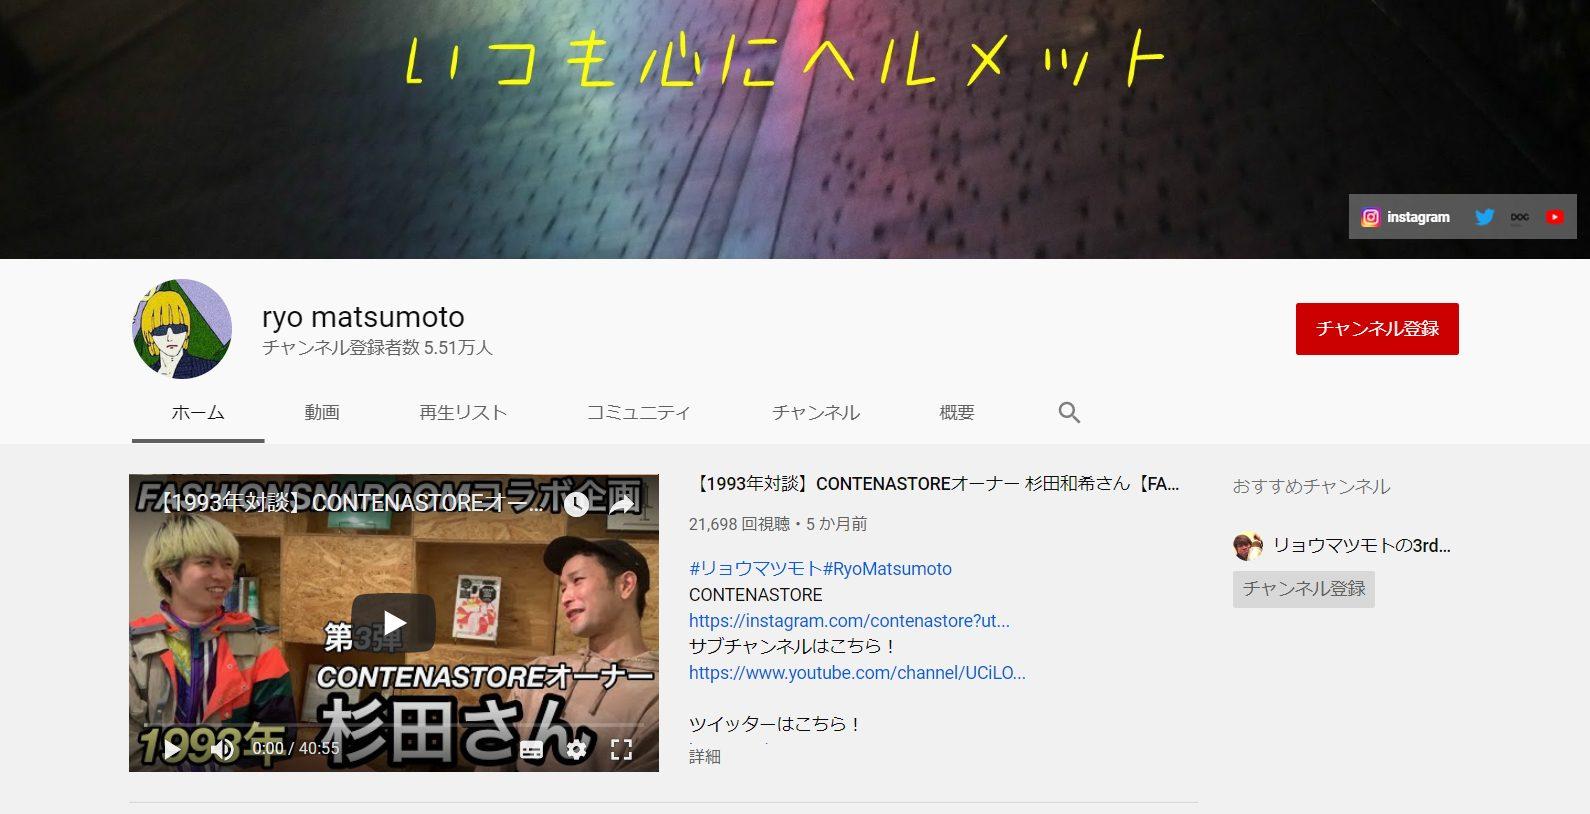 youtube-fashion-influencer-ryo-matsumoto